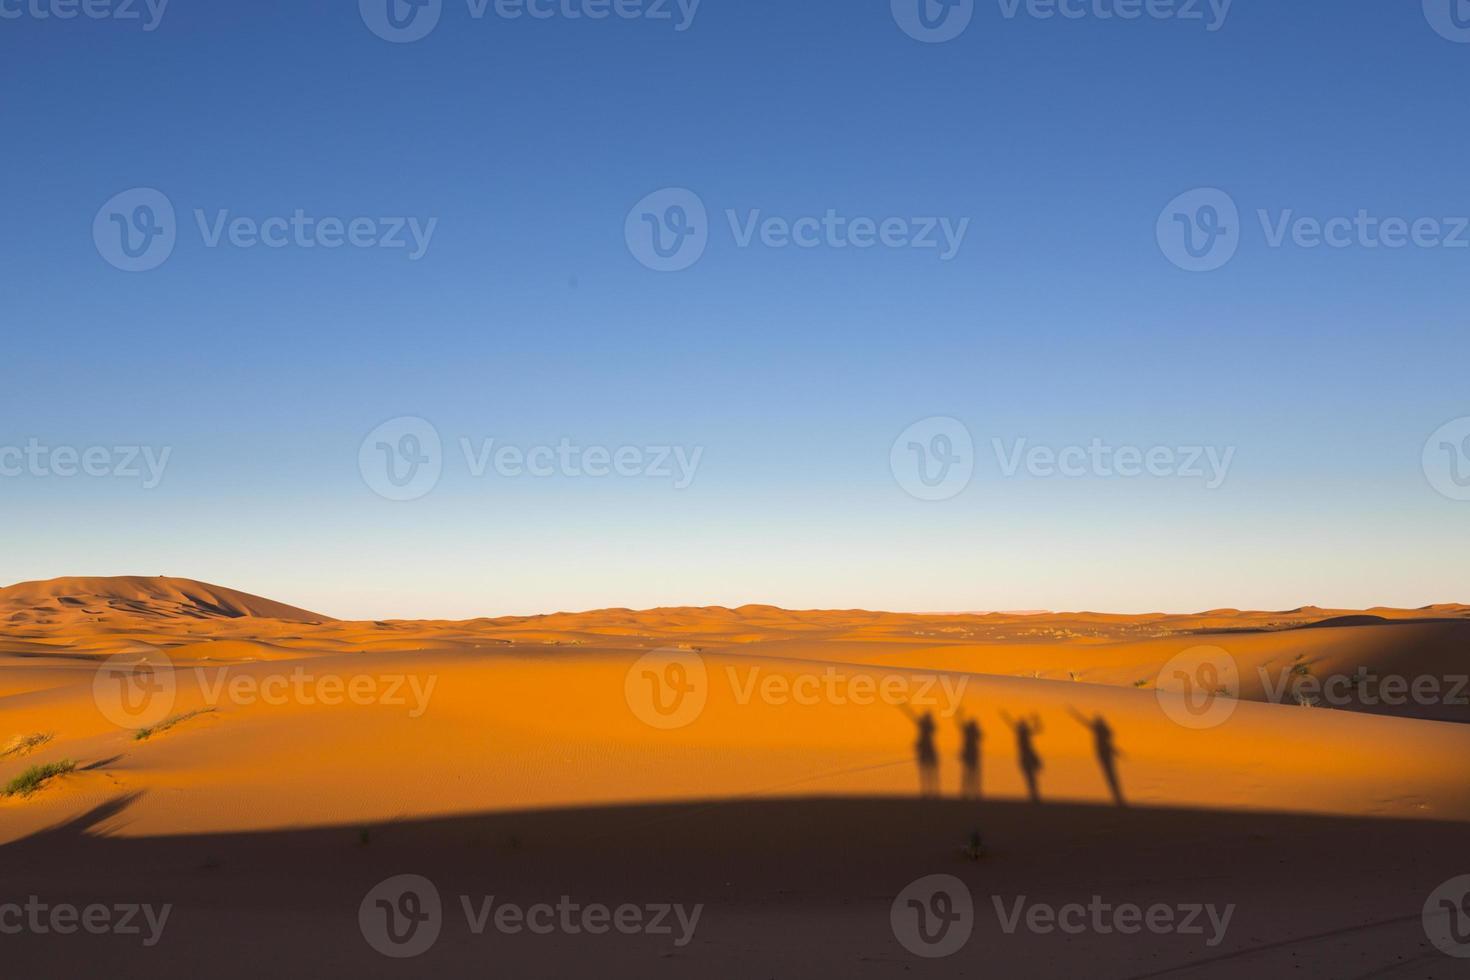 sombras de pessoas felizes nas dunas, deserto do saara marrocos, áfrica foto